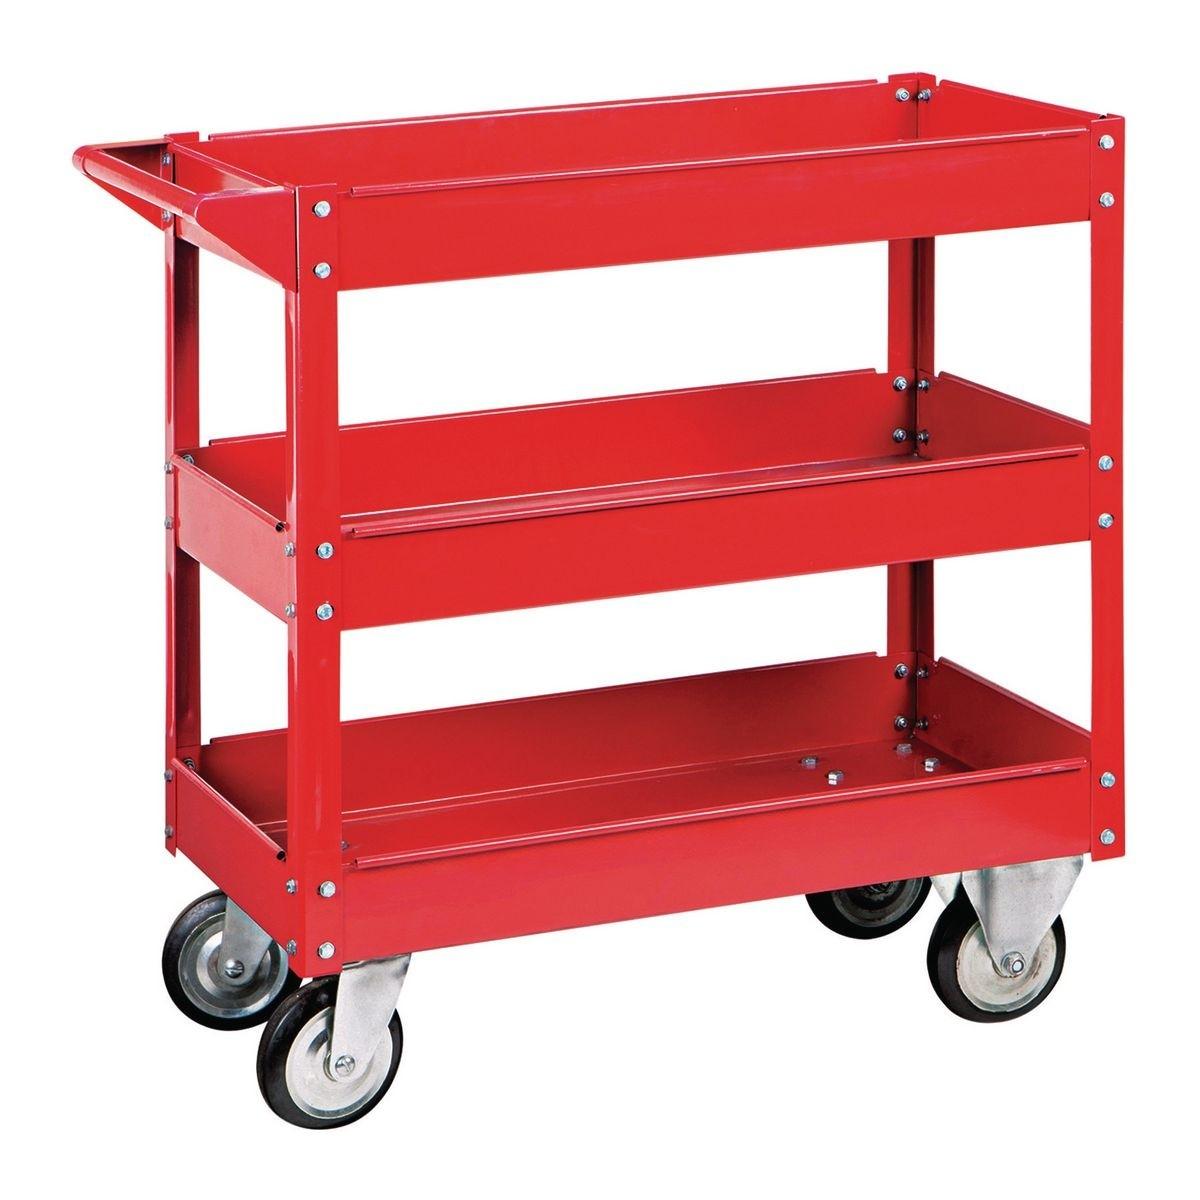 U.S. GENERAL 30 In. X 16 In. Three Shelf Steel Service Cart – Red – Item 62179 / 6650 / 61165